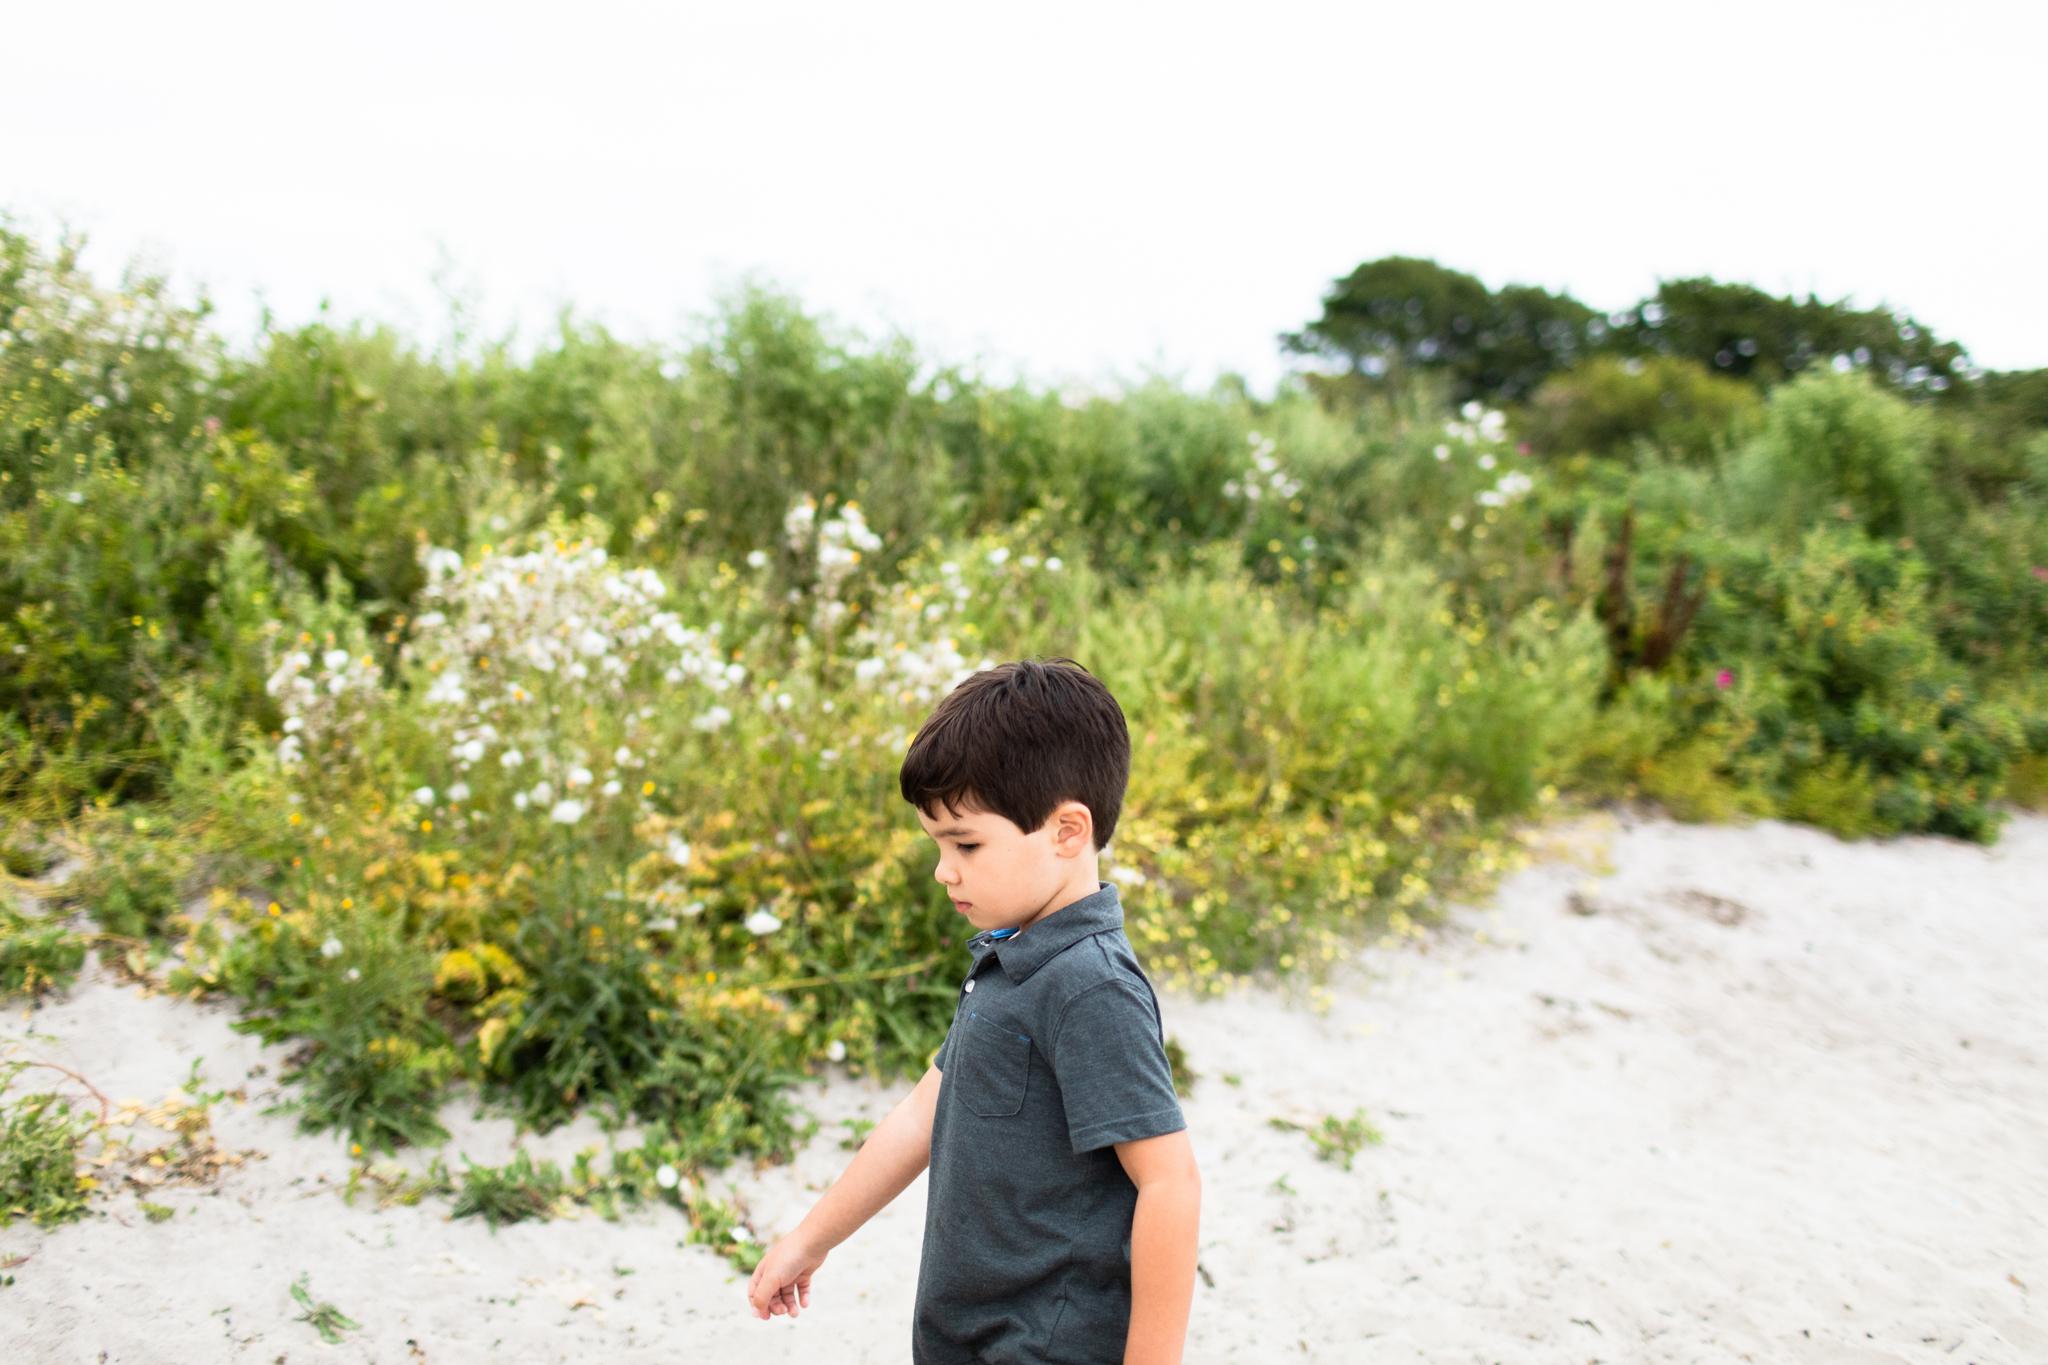 maine-family-photographer-beach-lifestyle -95.jpg